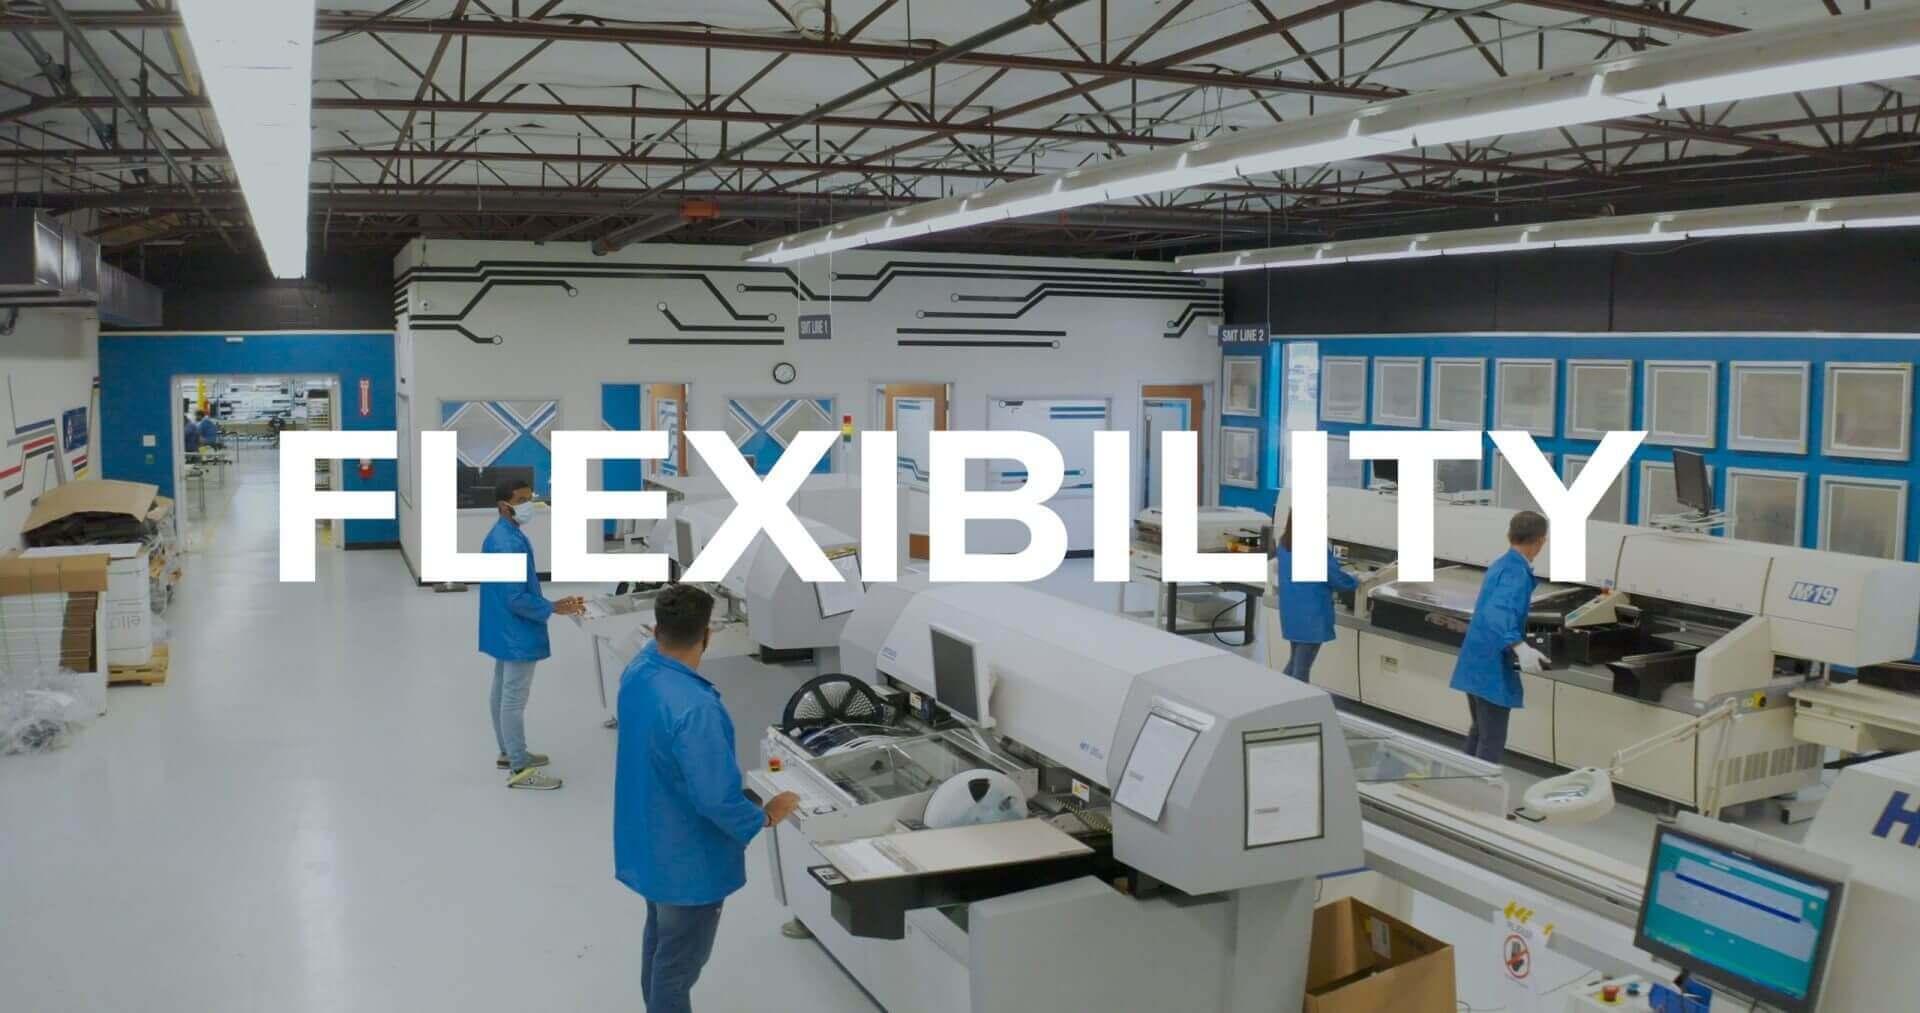 Flexibility Video Thumbnail